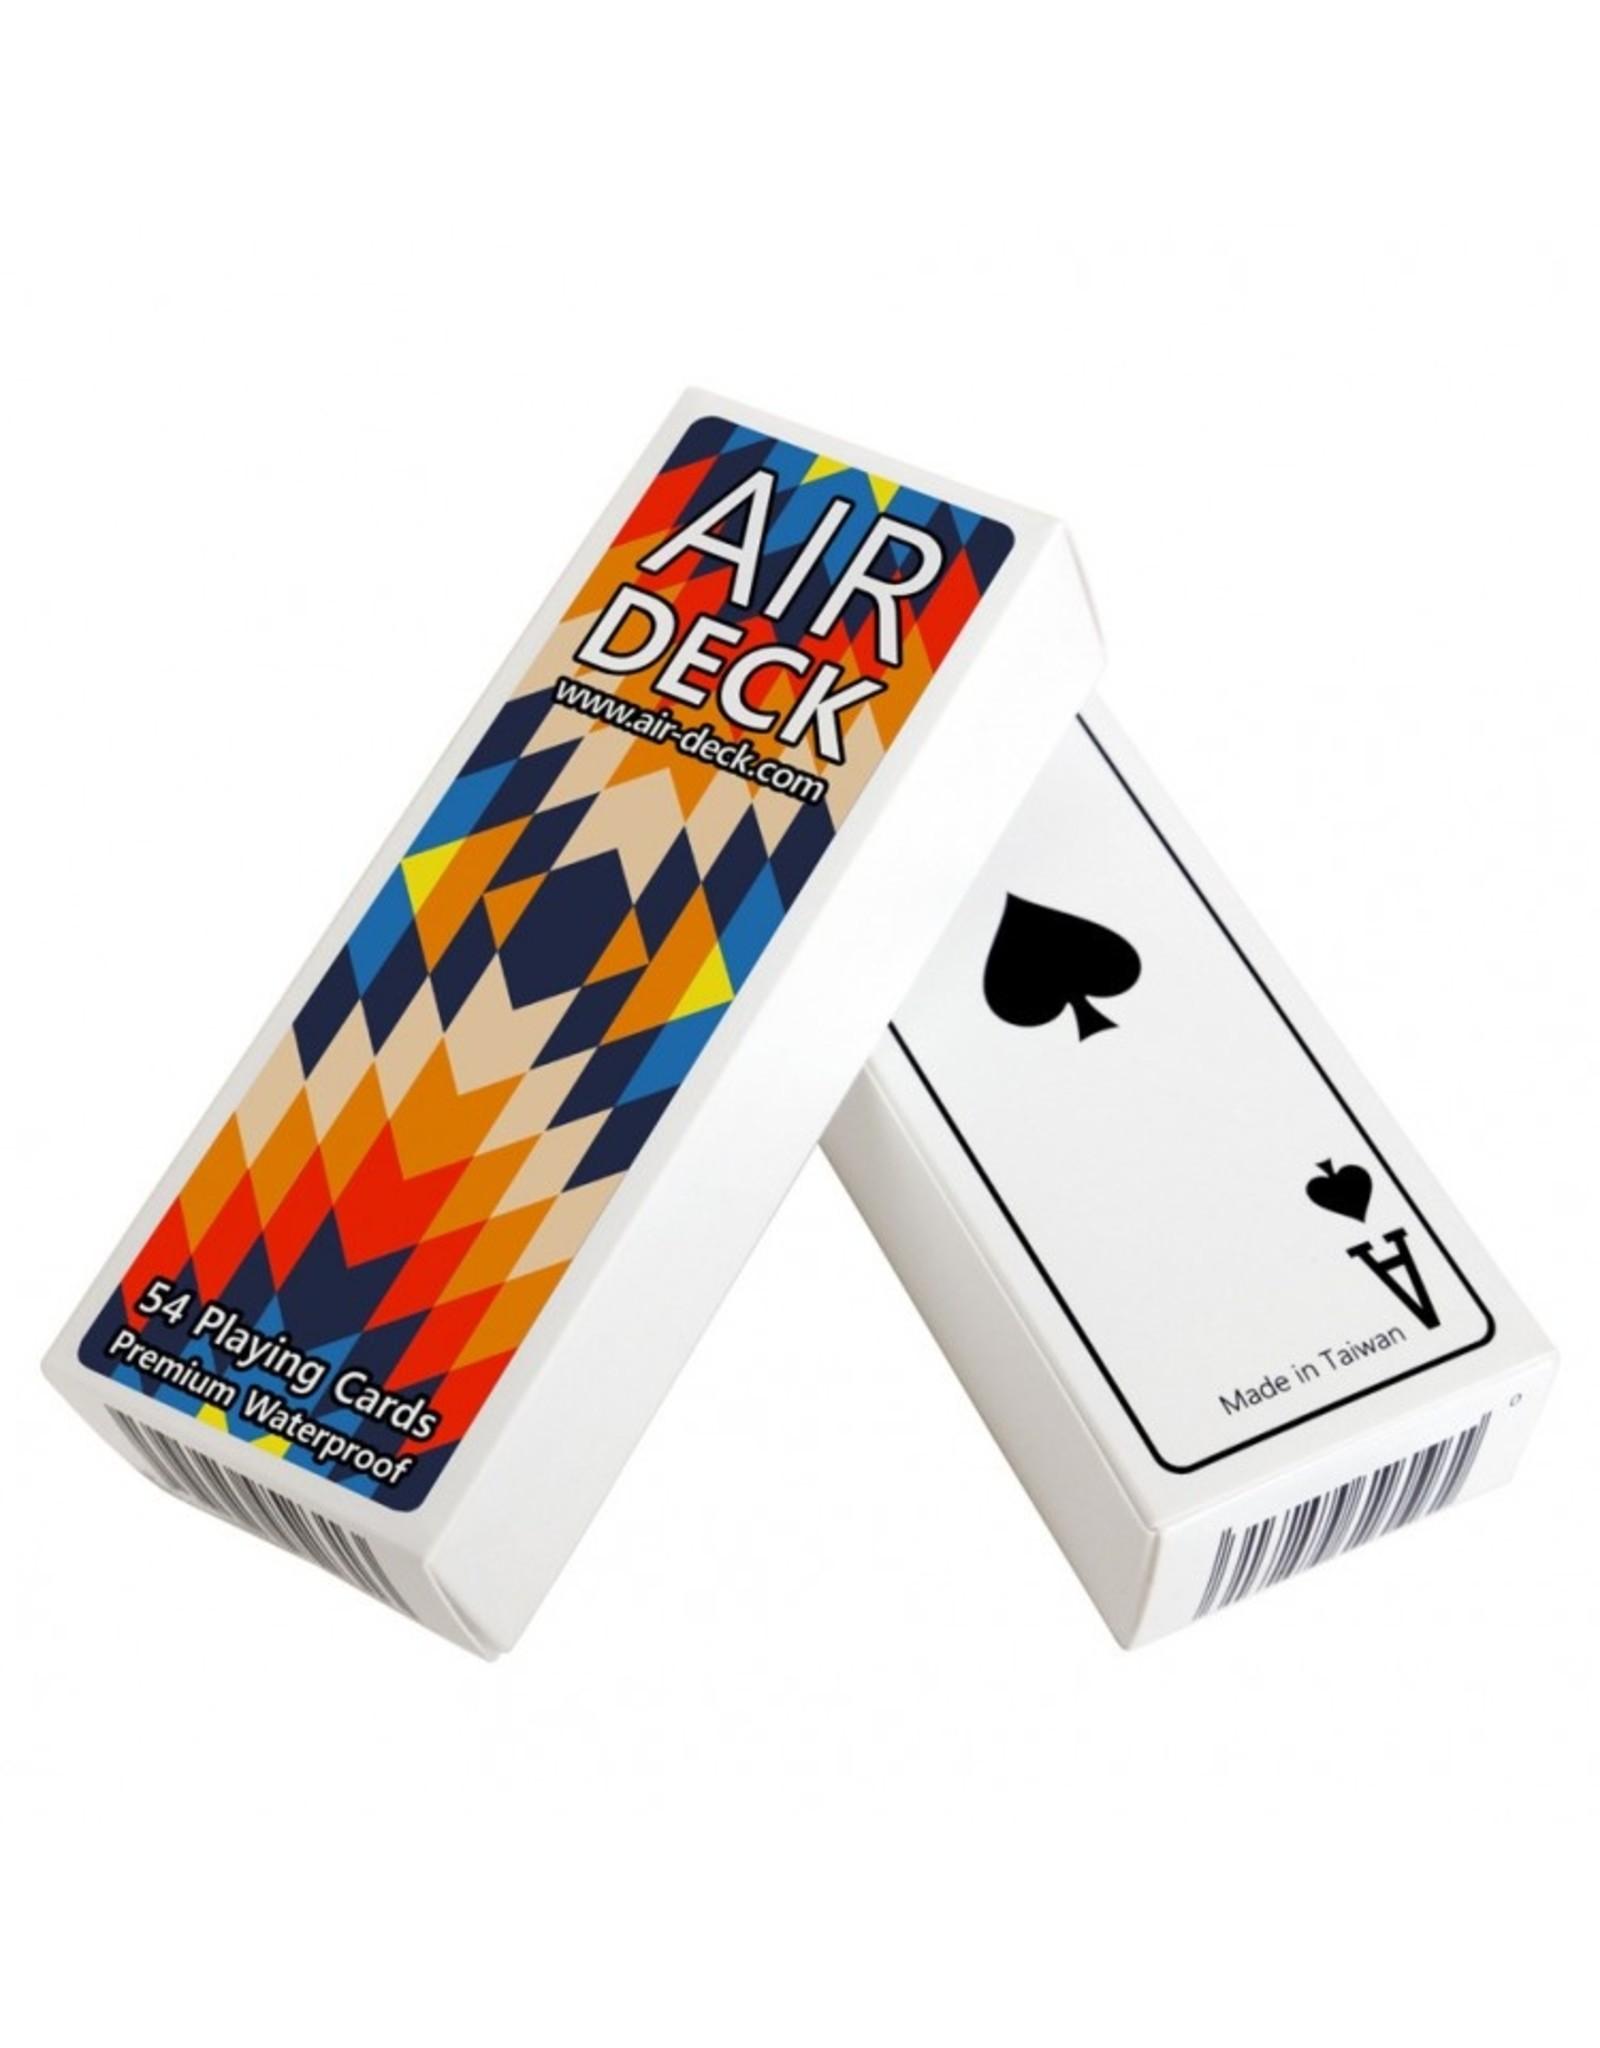 Tiptop Things Air Deck: Electric